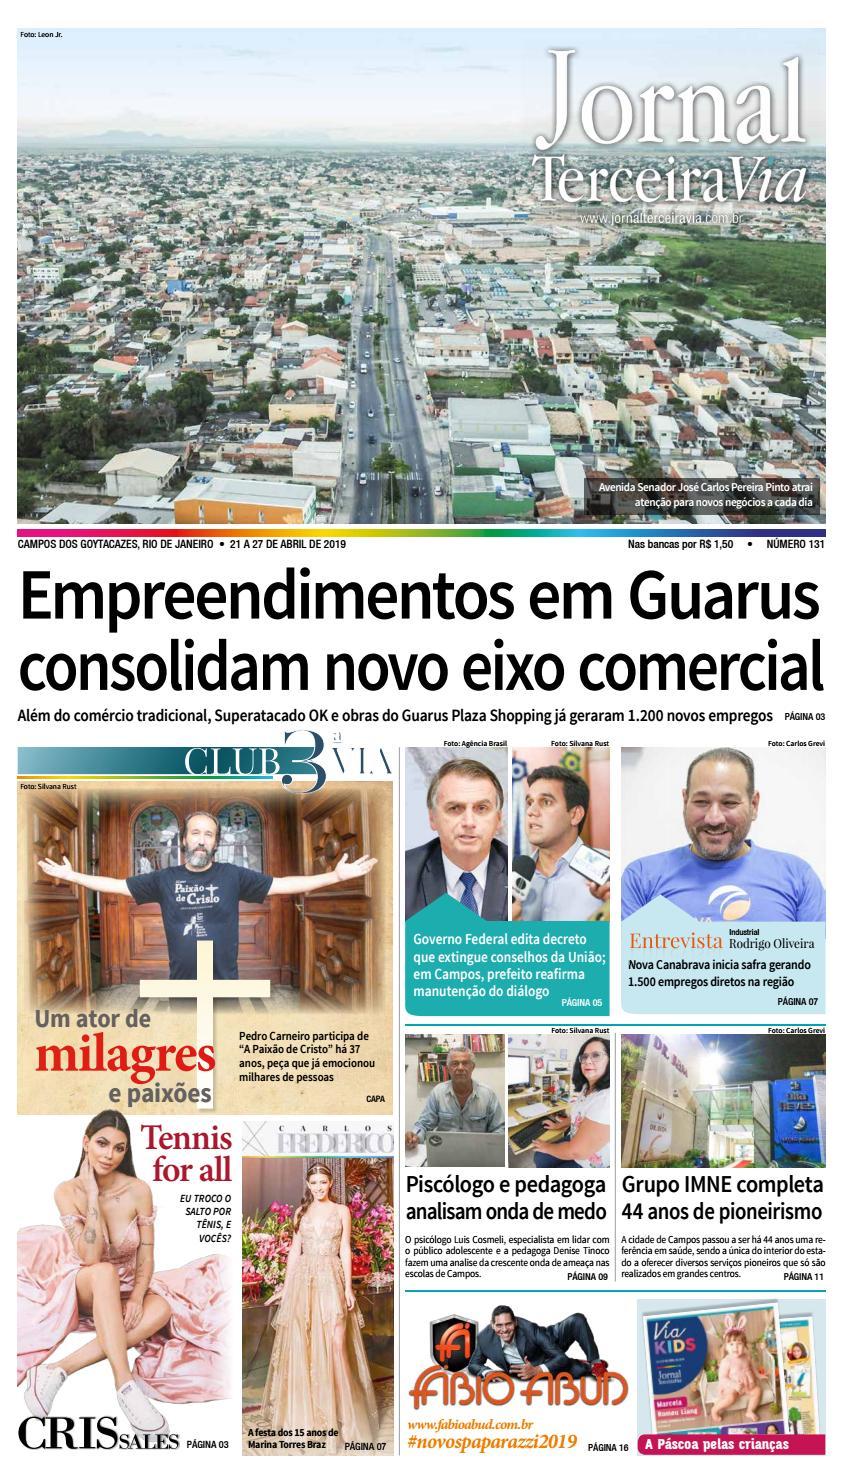 4aace9efa0 Jornal Terceira Via ed131 by terceiravia - issuu